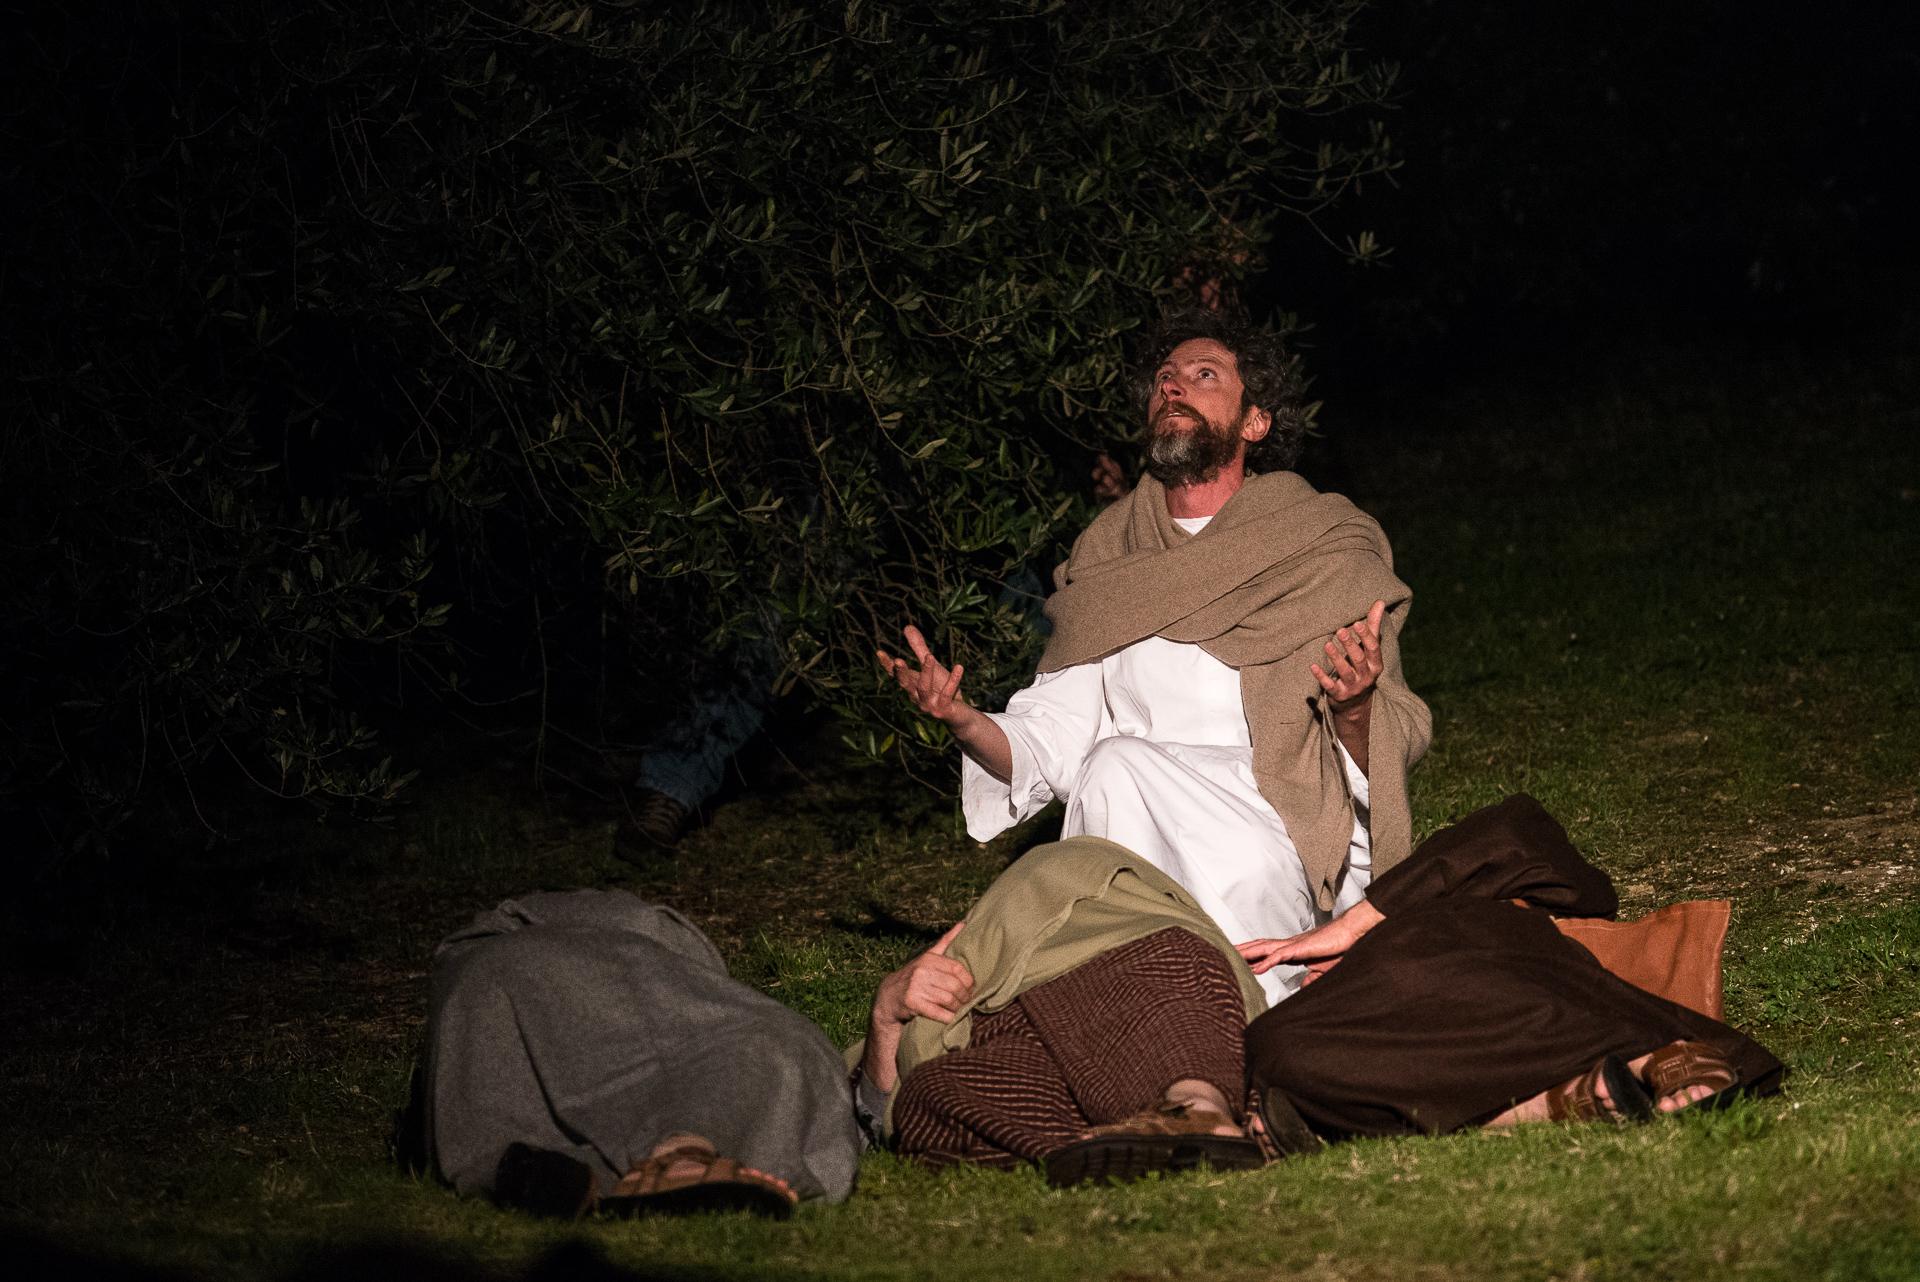 GESU' SVEGLIA GLI APOSTOLI CHE SI ERANO ADDORMENTATI